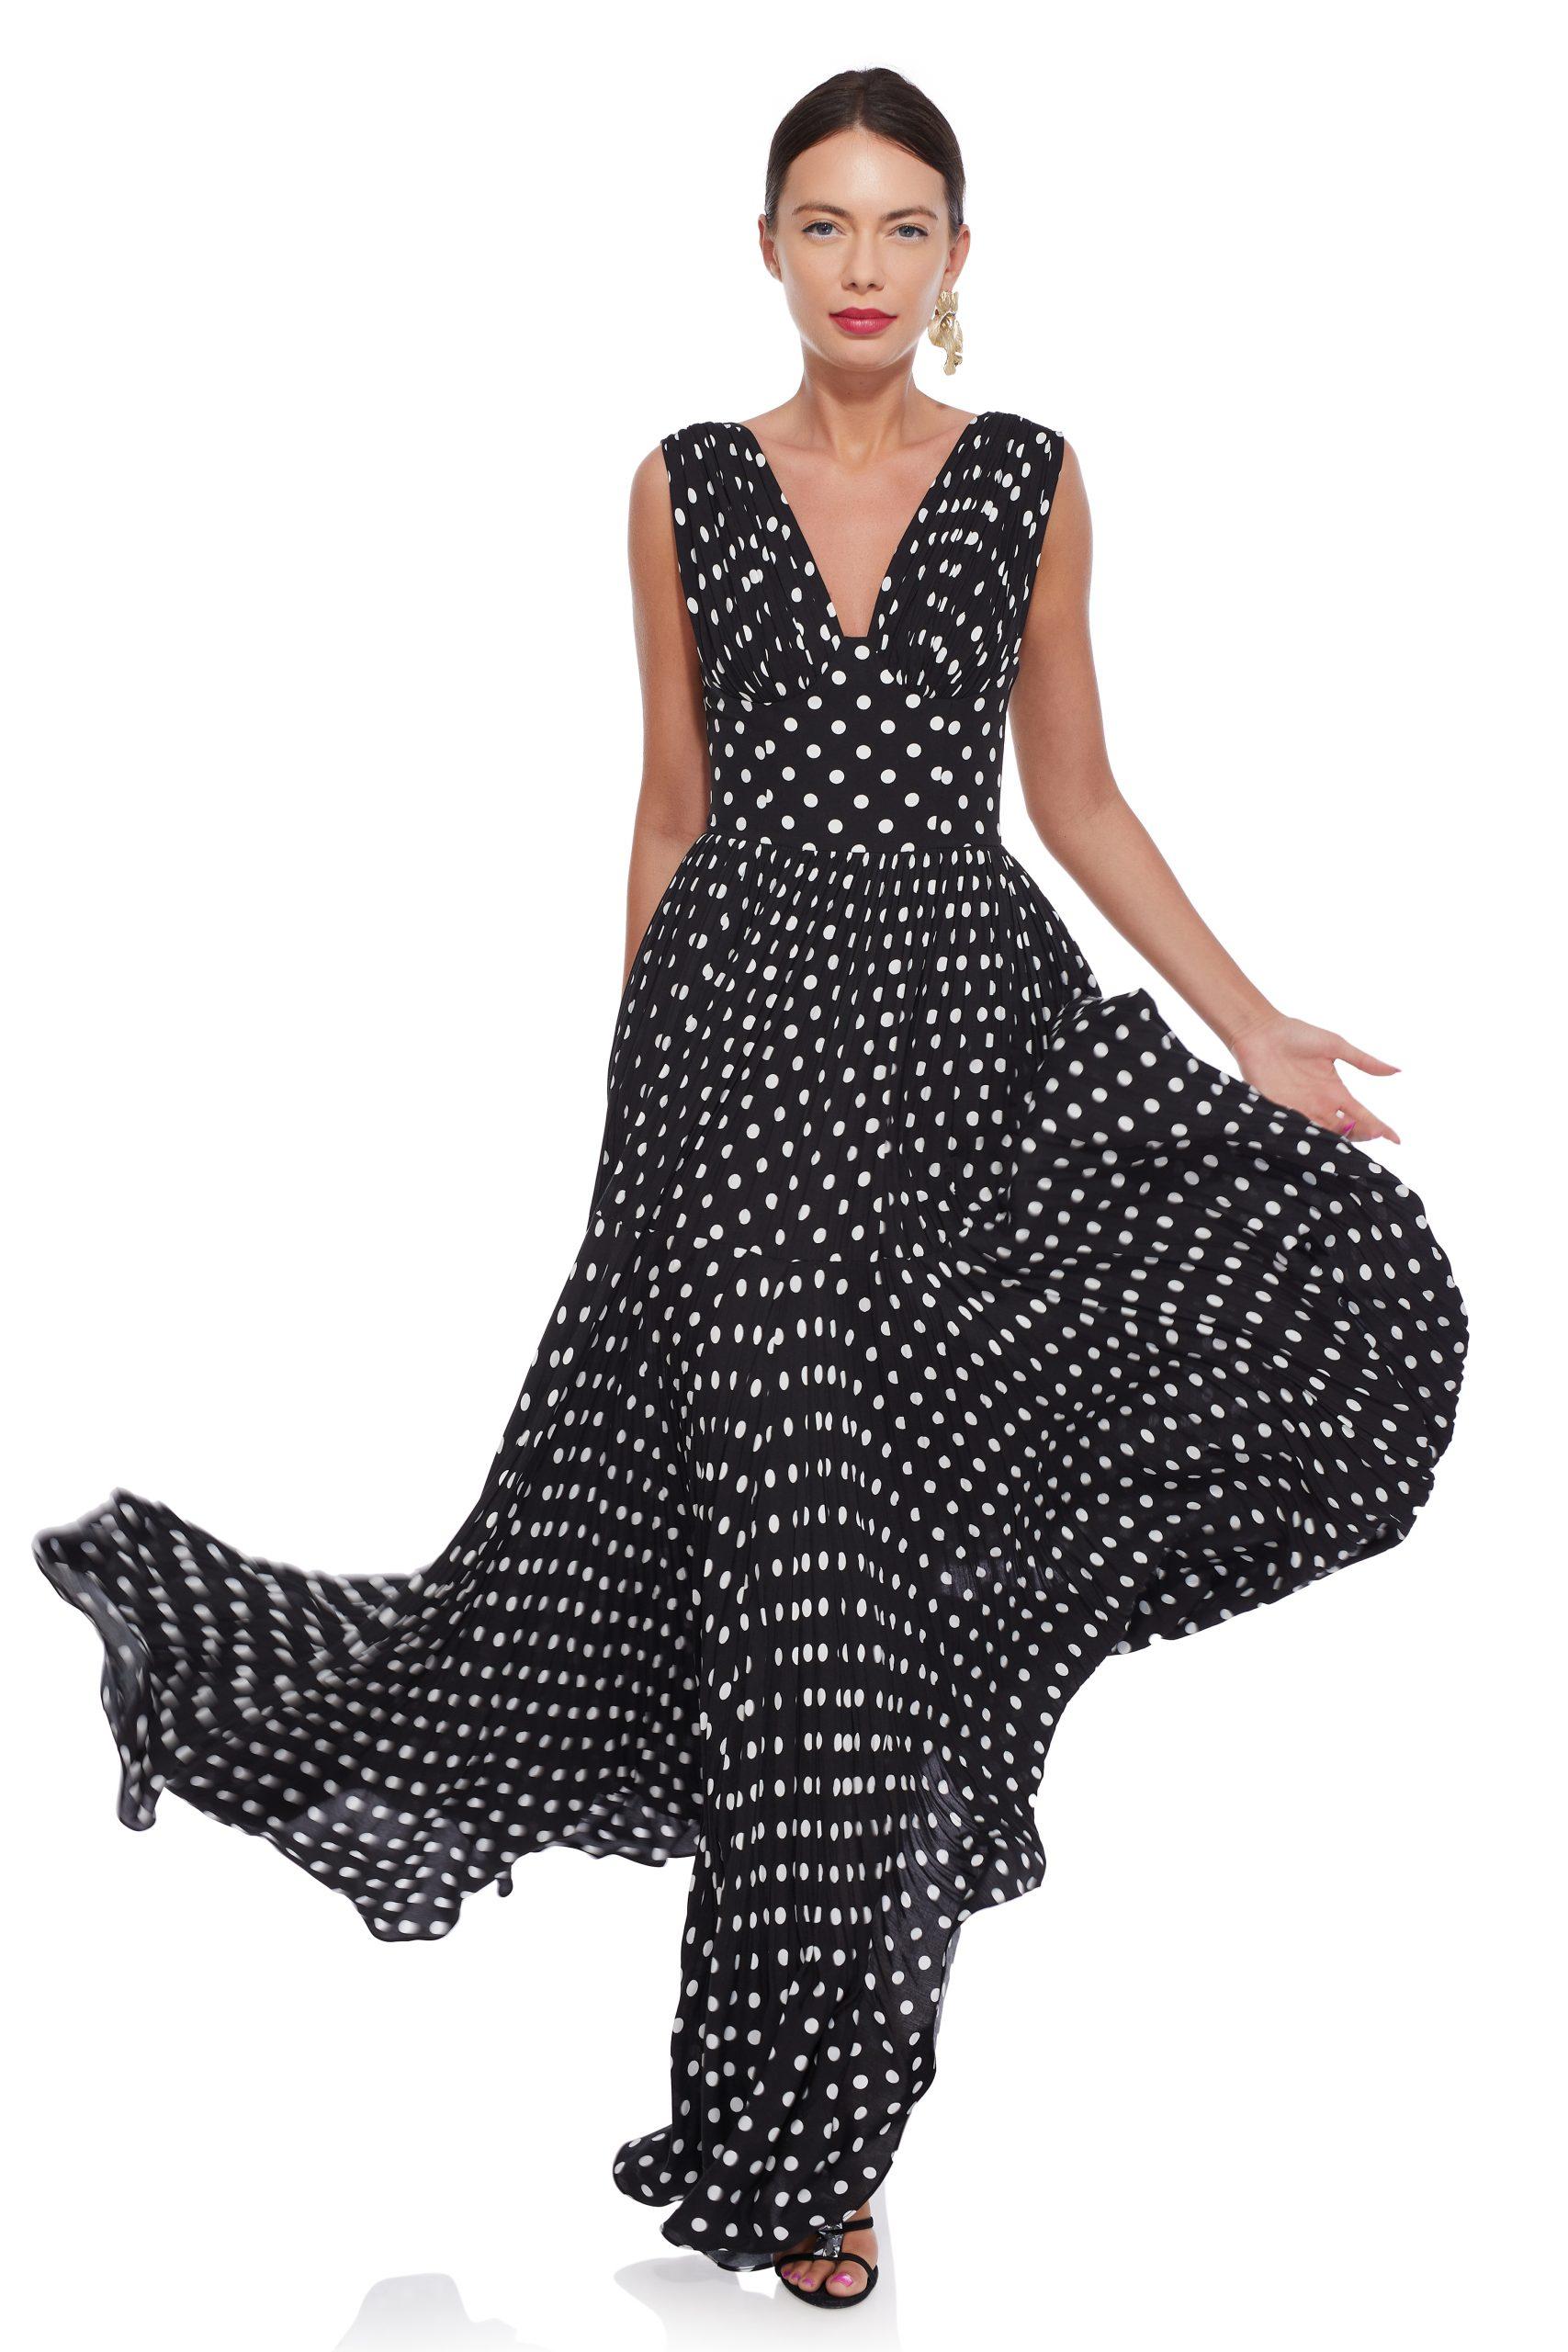 Long polka dots dress